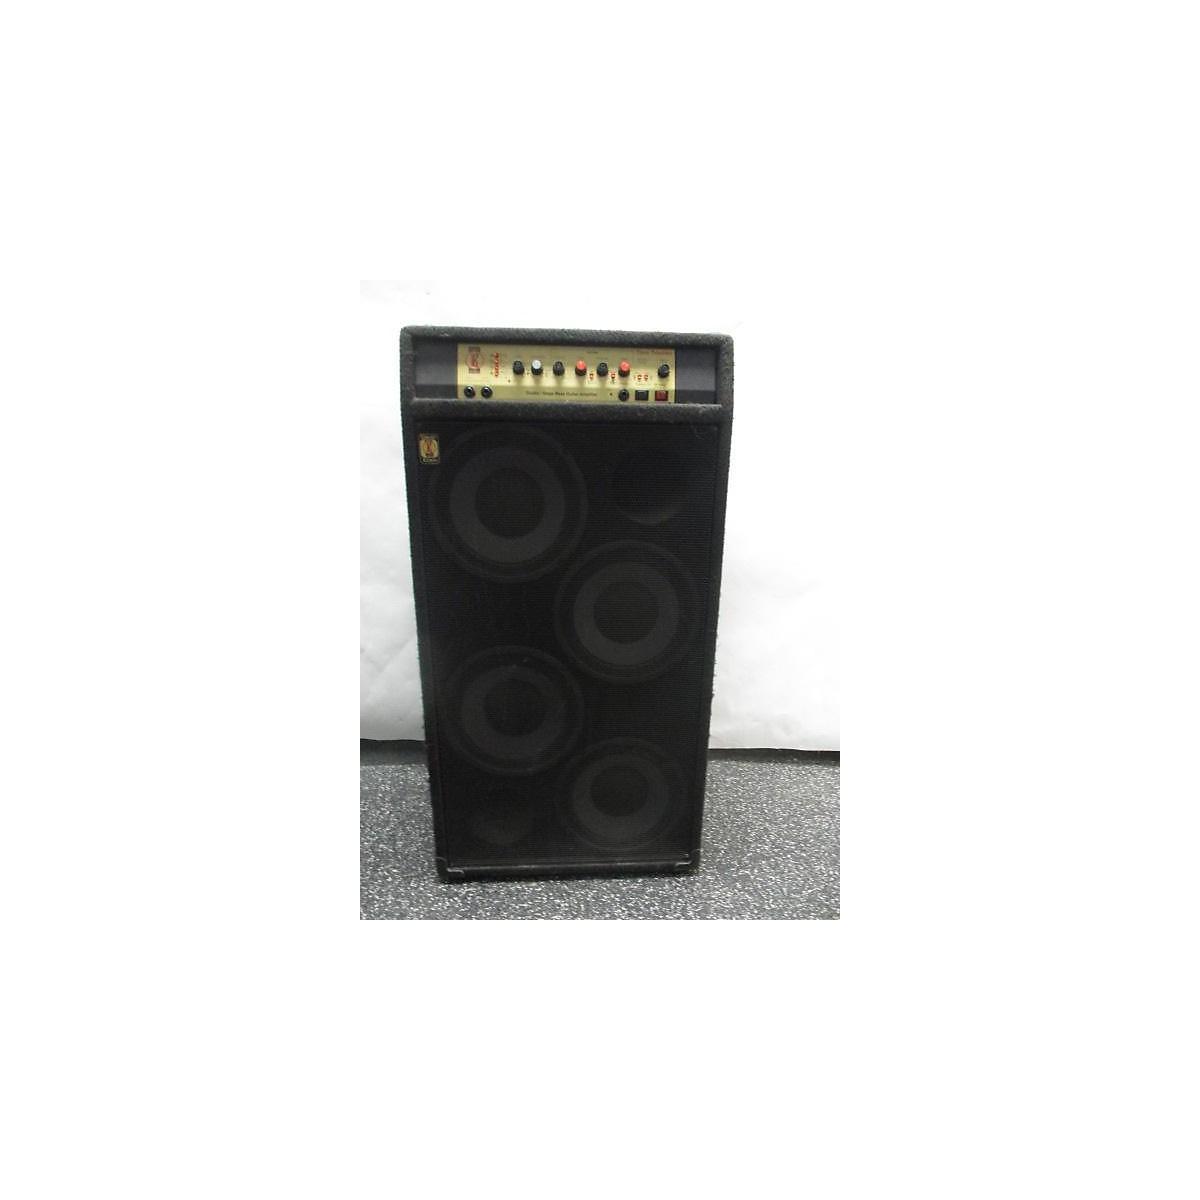 Eden 2003 Time Traveler Wt 330 4x10 Bass Combo Amp